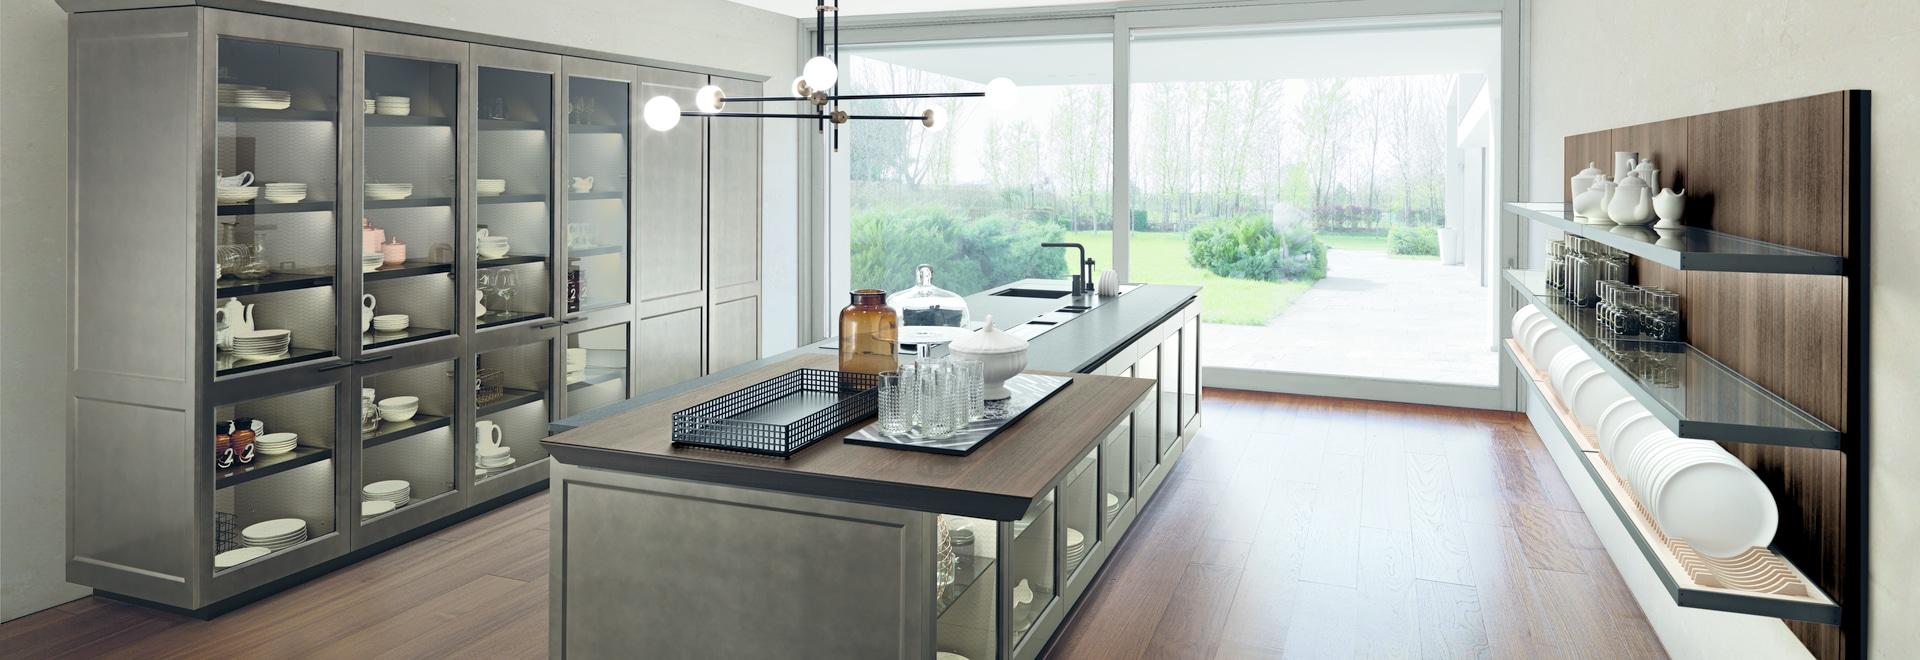 antis kitchen furniture euromobil design euromobil. filou0027 kitchen by euromobil antis furniture design e